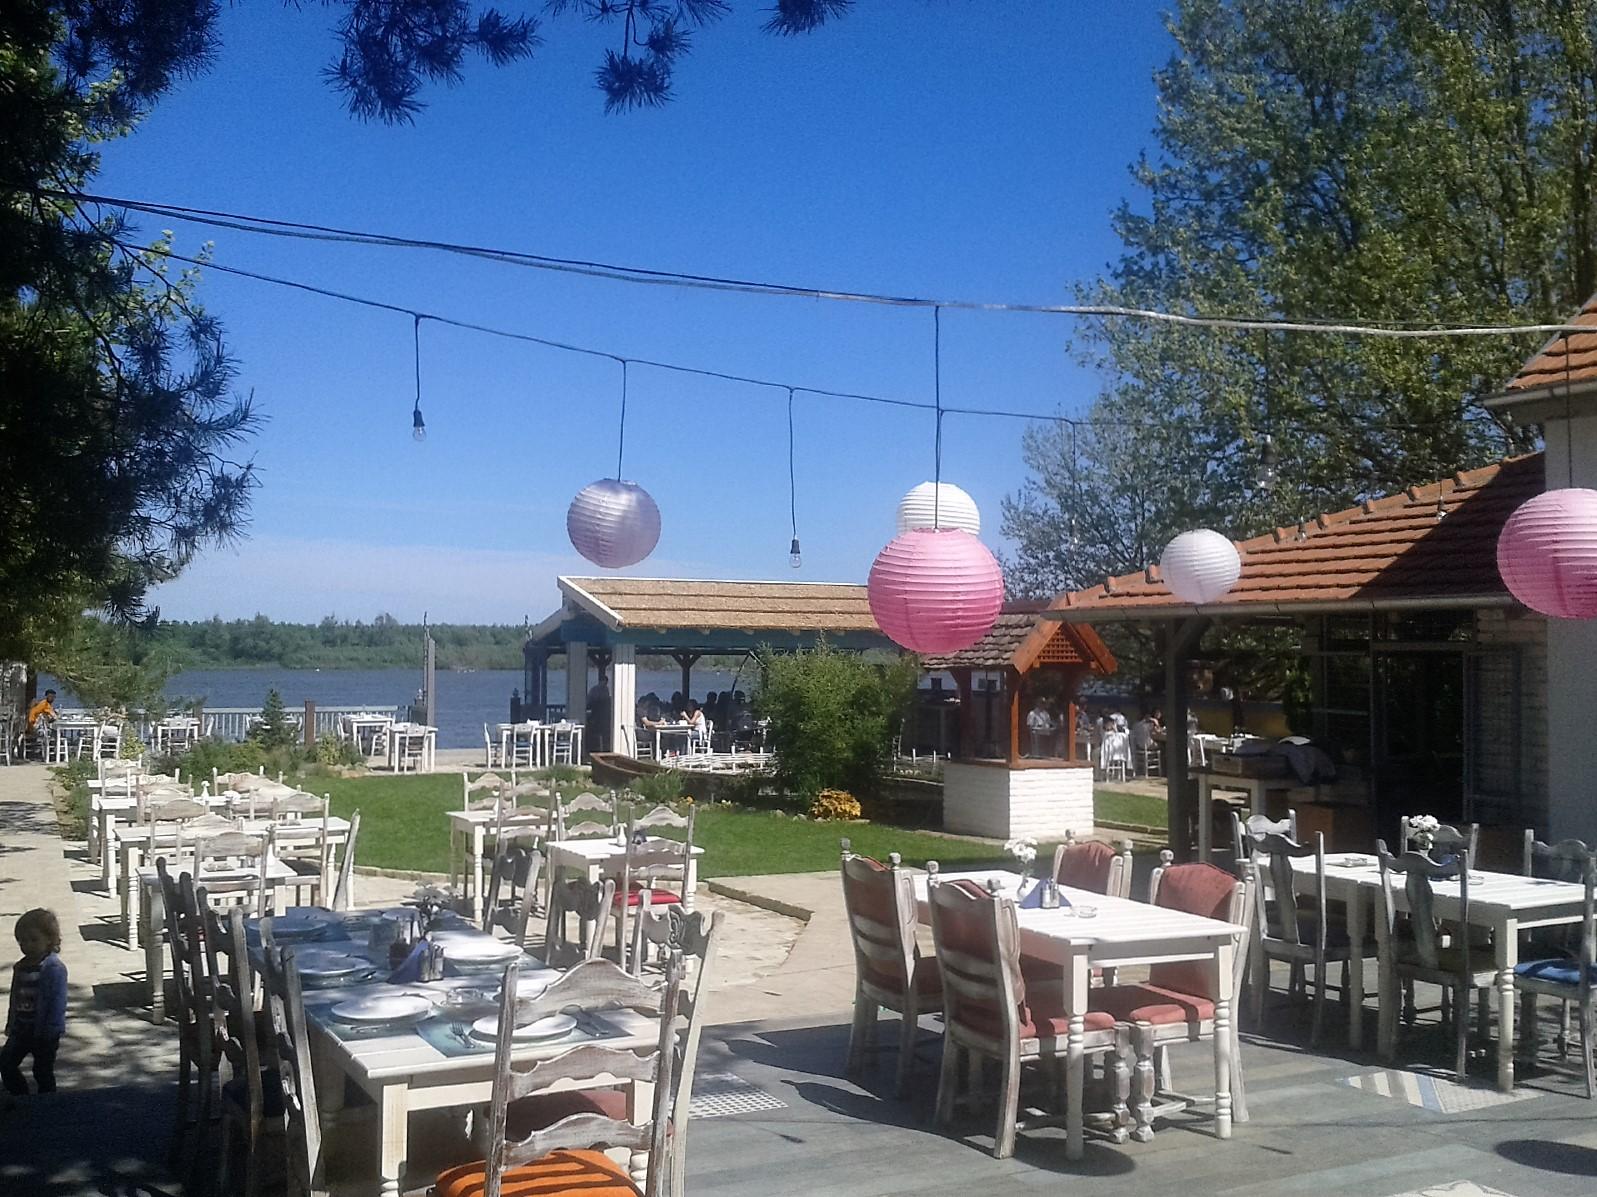 Restoran Pasent Sremski Karlovci